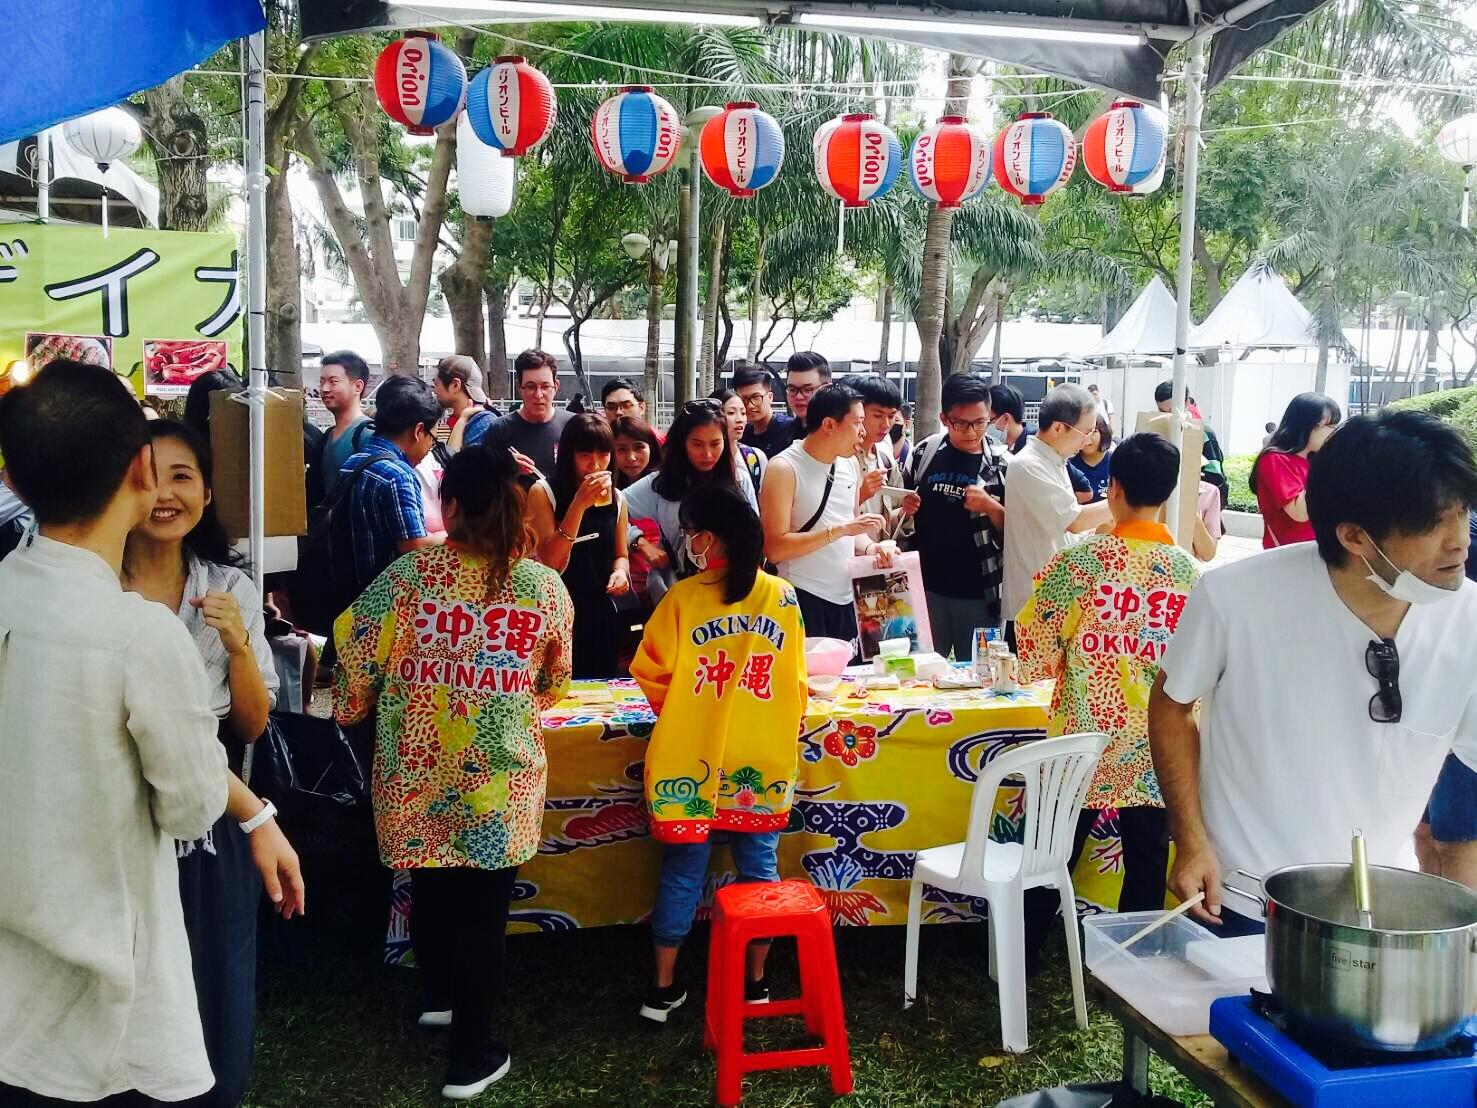 ジャパン ベトナム フェスティバル(Japan Vietnam Festival)